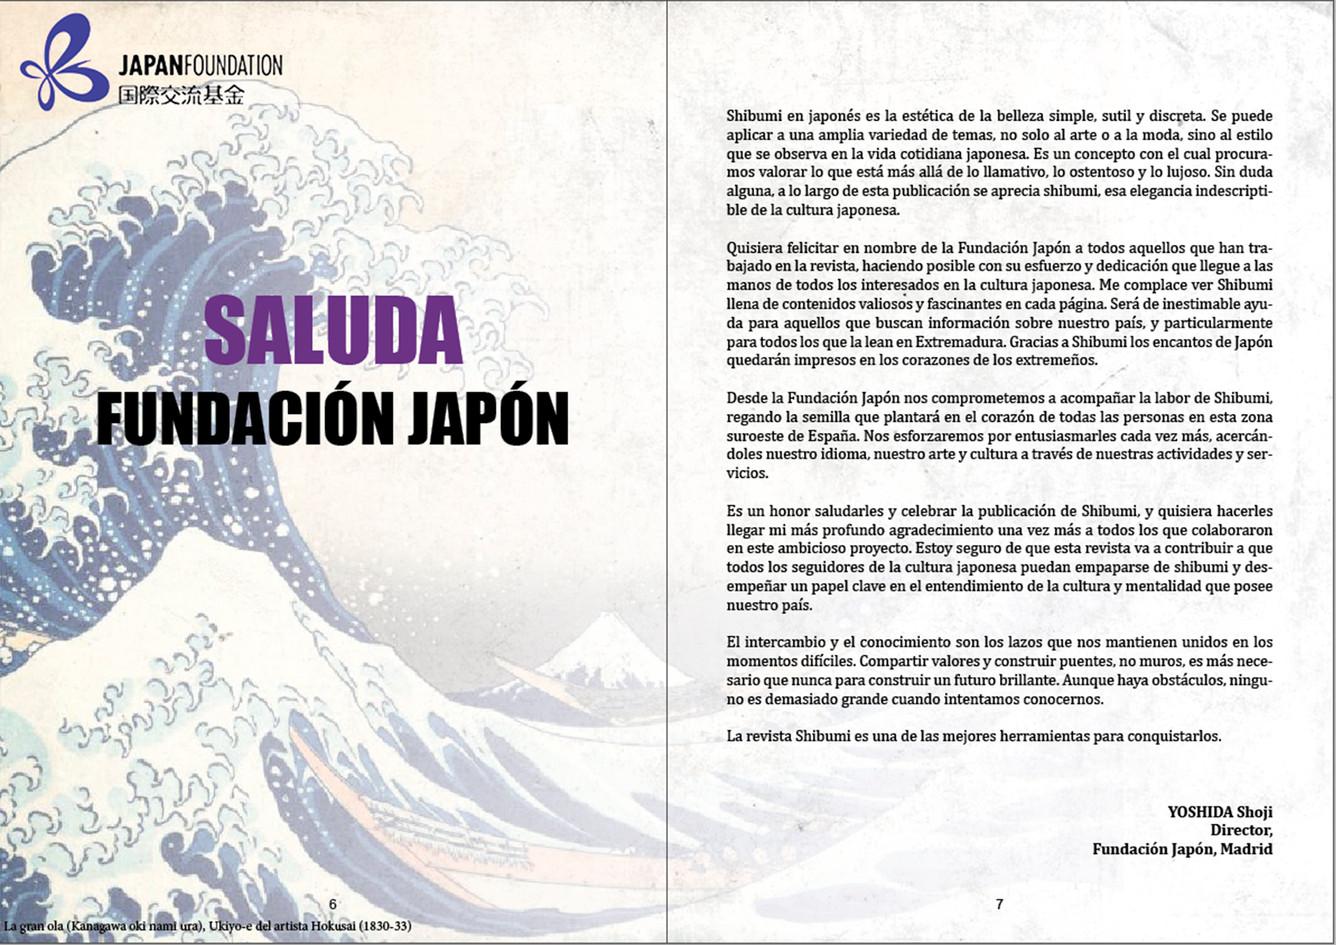 SALUDA FUNDACION JAPON.jpg